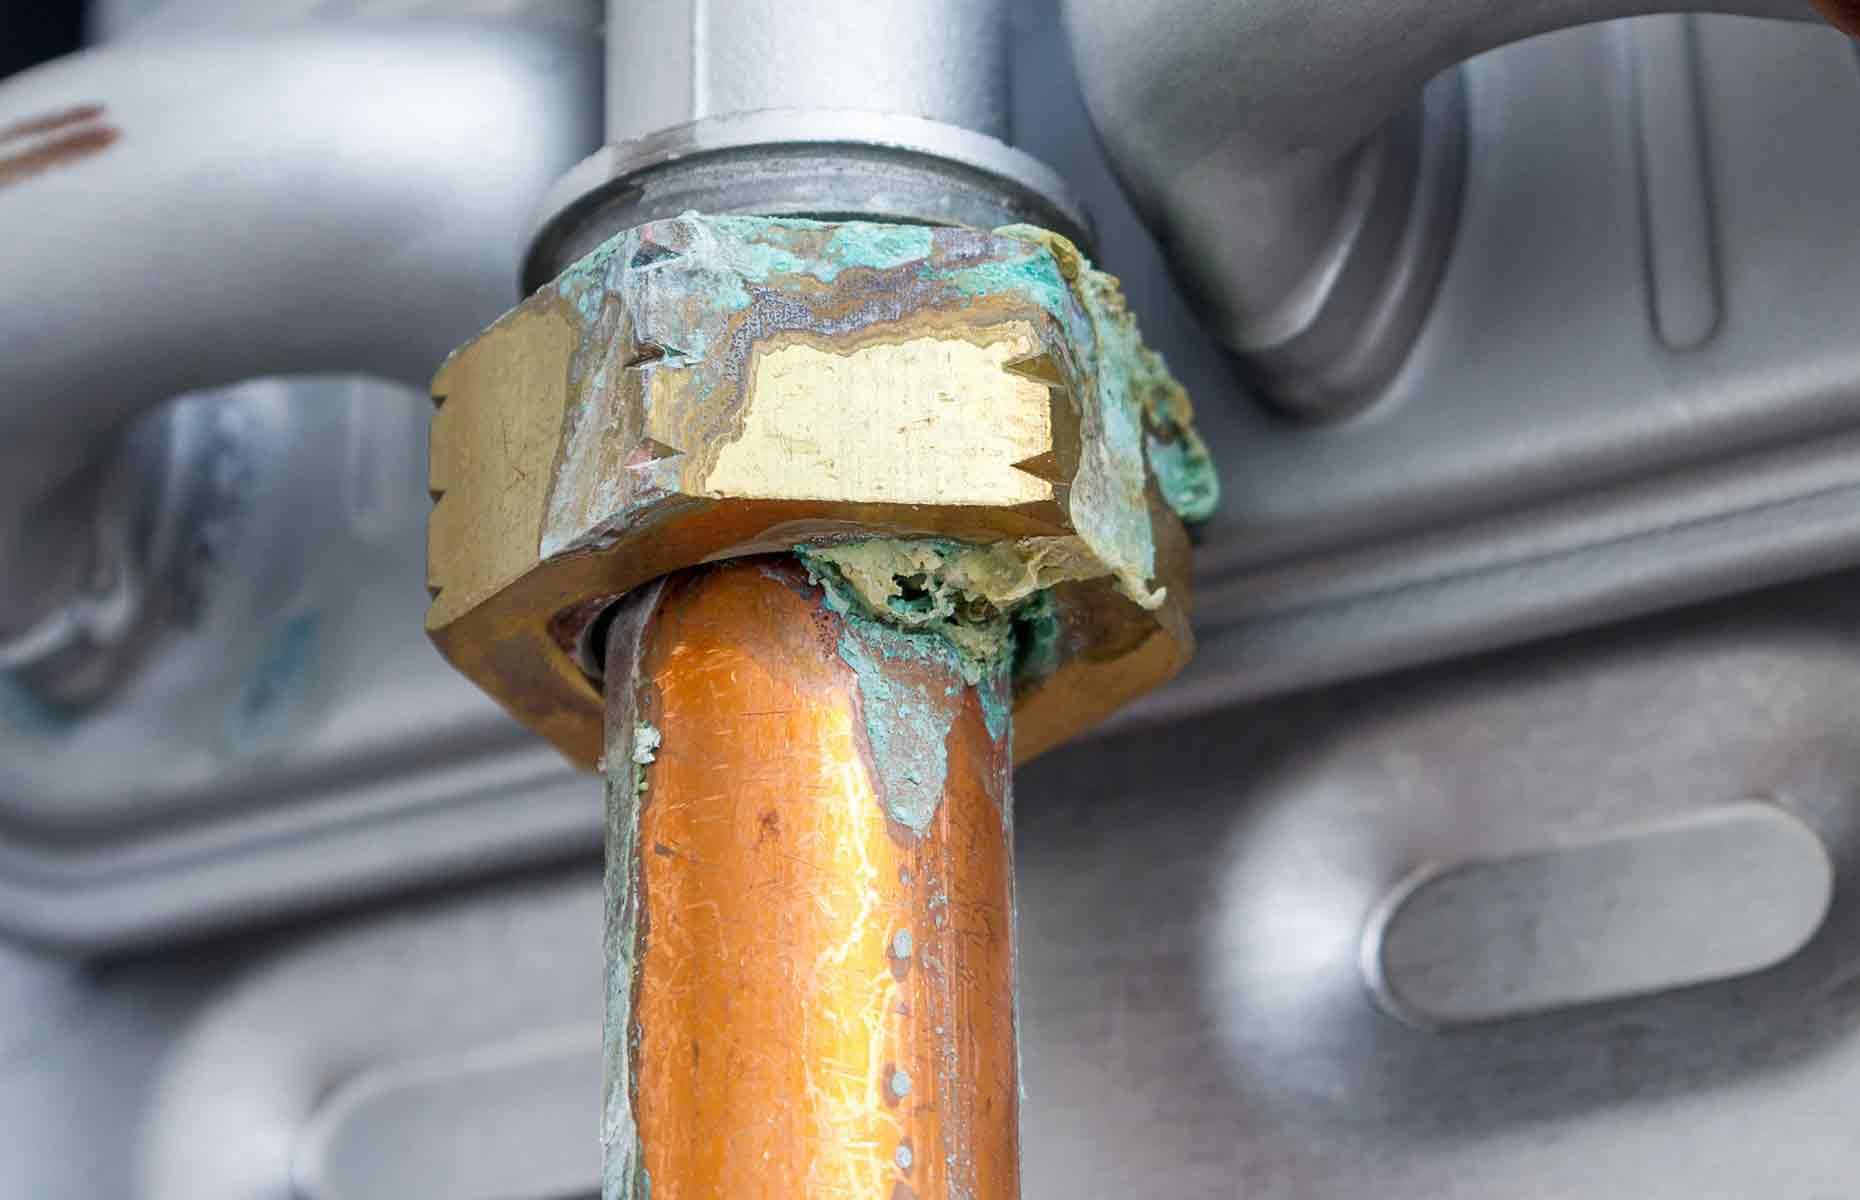 A corroded boiler pipe. Image: Yevhen Prozhyrko / Shutterstock